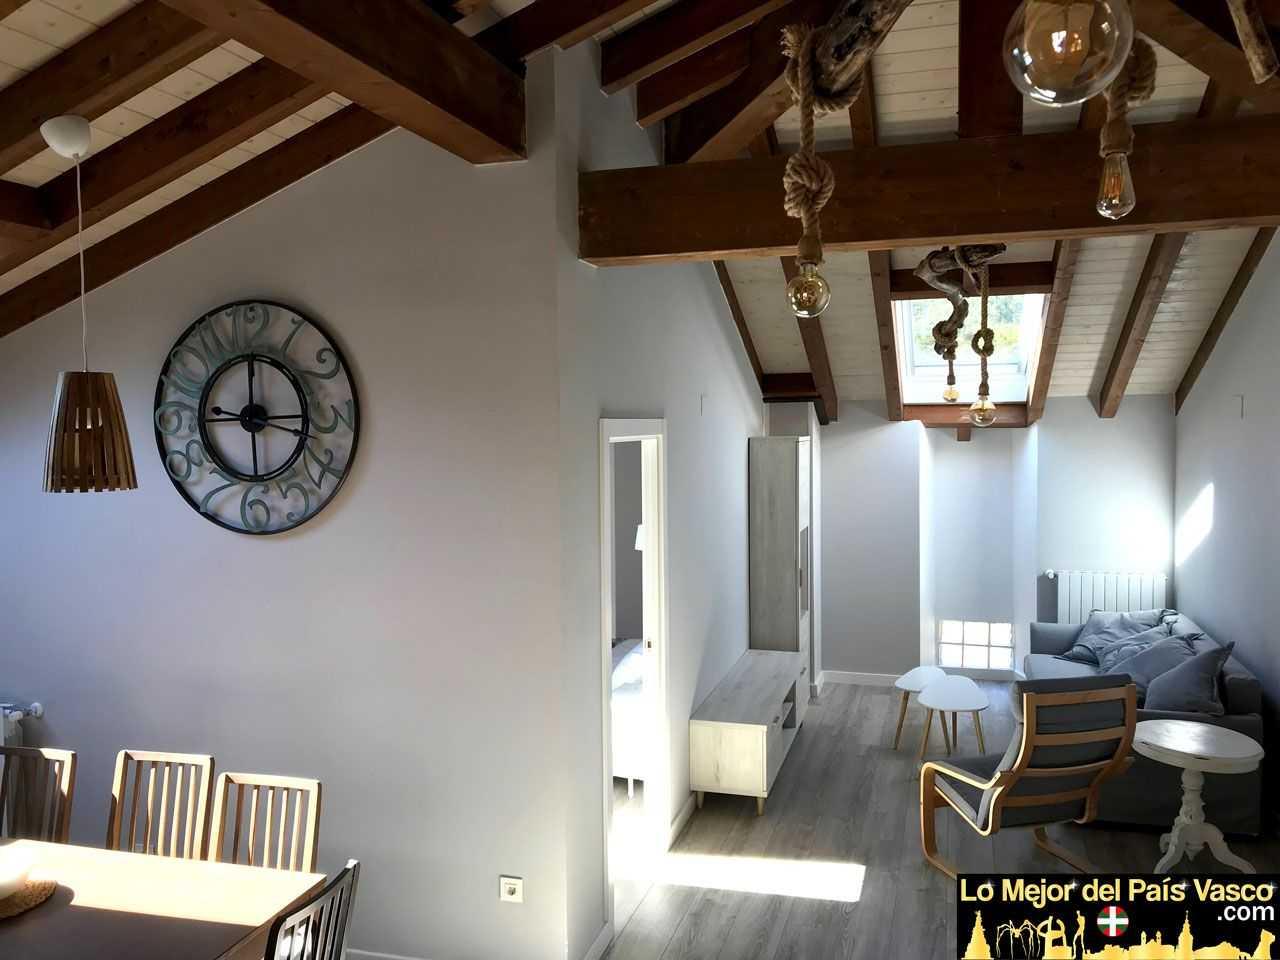 Casa-Rural-Tierra-y-Madera-Apartamento-Izar-Salón-Cocina-por-Lo-Mejor-del-País-Vasco